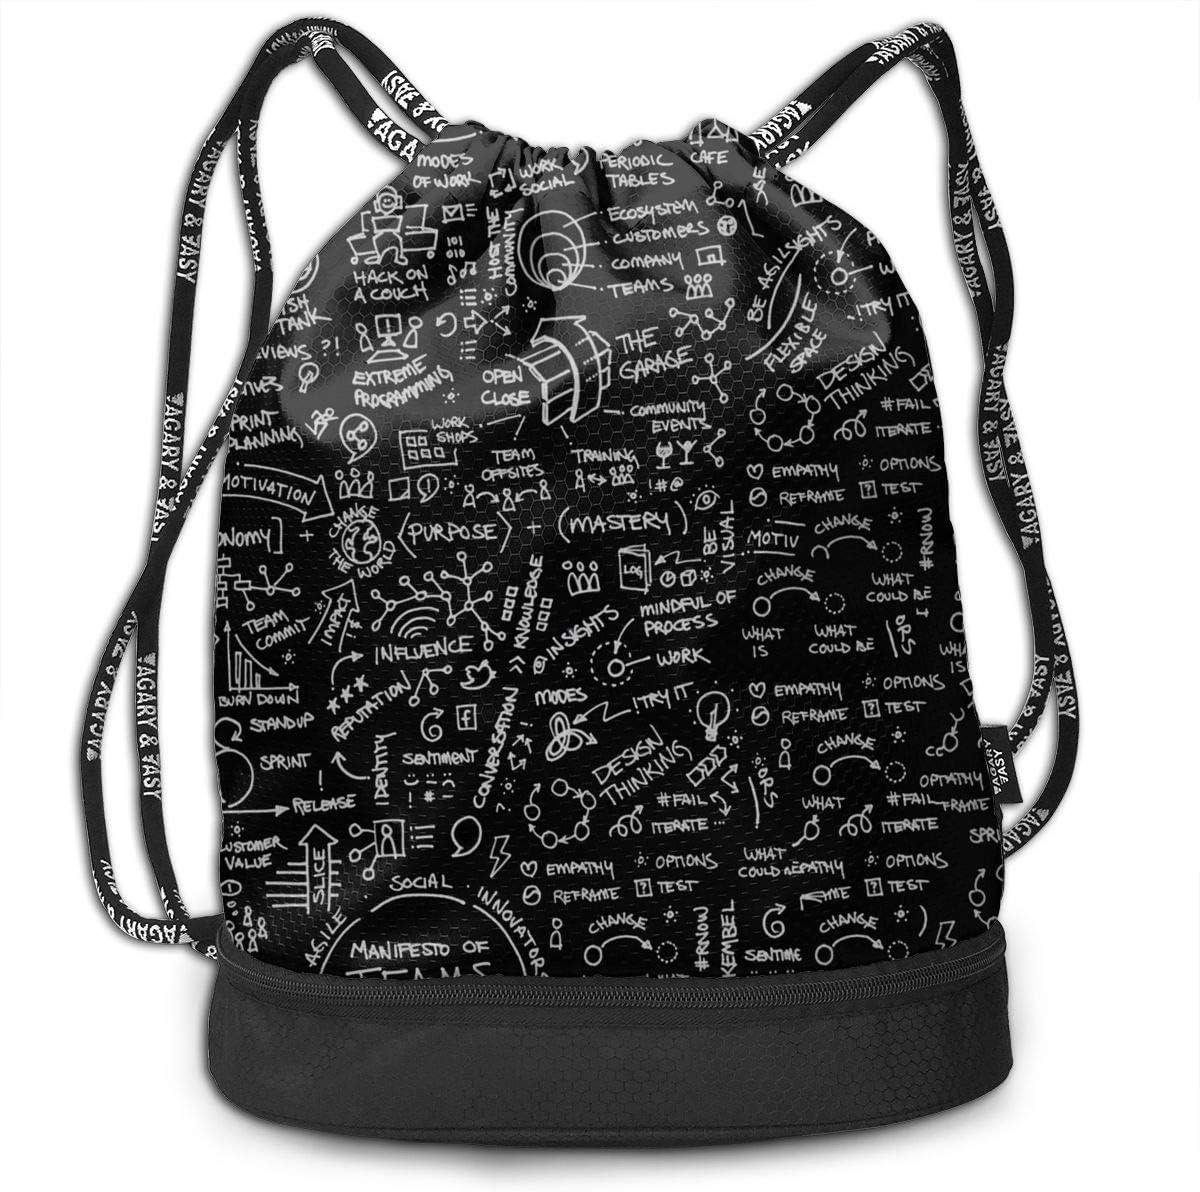 HUOPR5Q Graffiti Drawstring Backpack Sport Gym Sack Shoulder Bulk Bag Dance Bag for School Travel